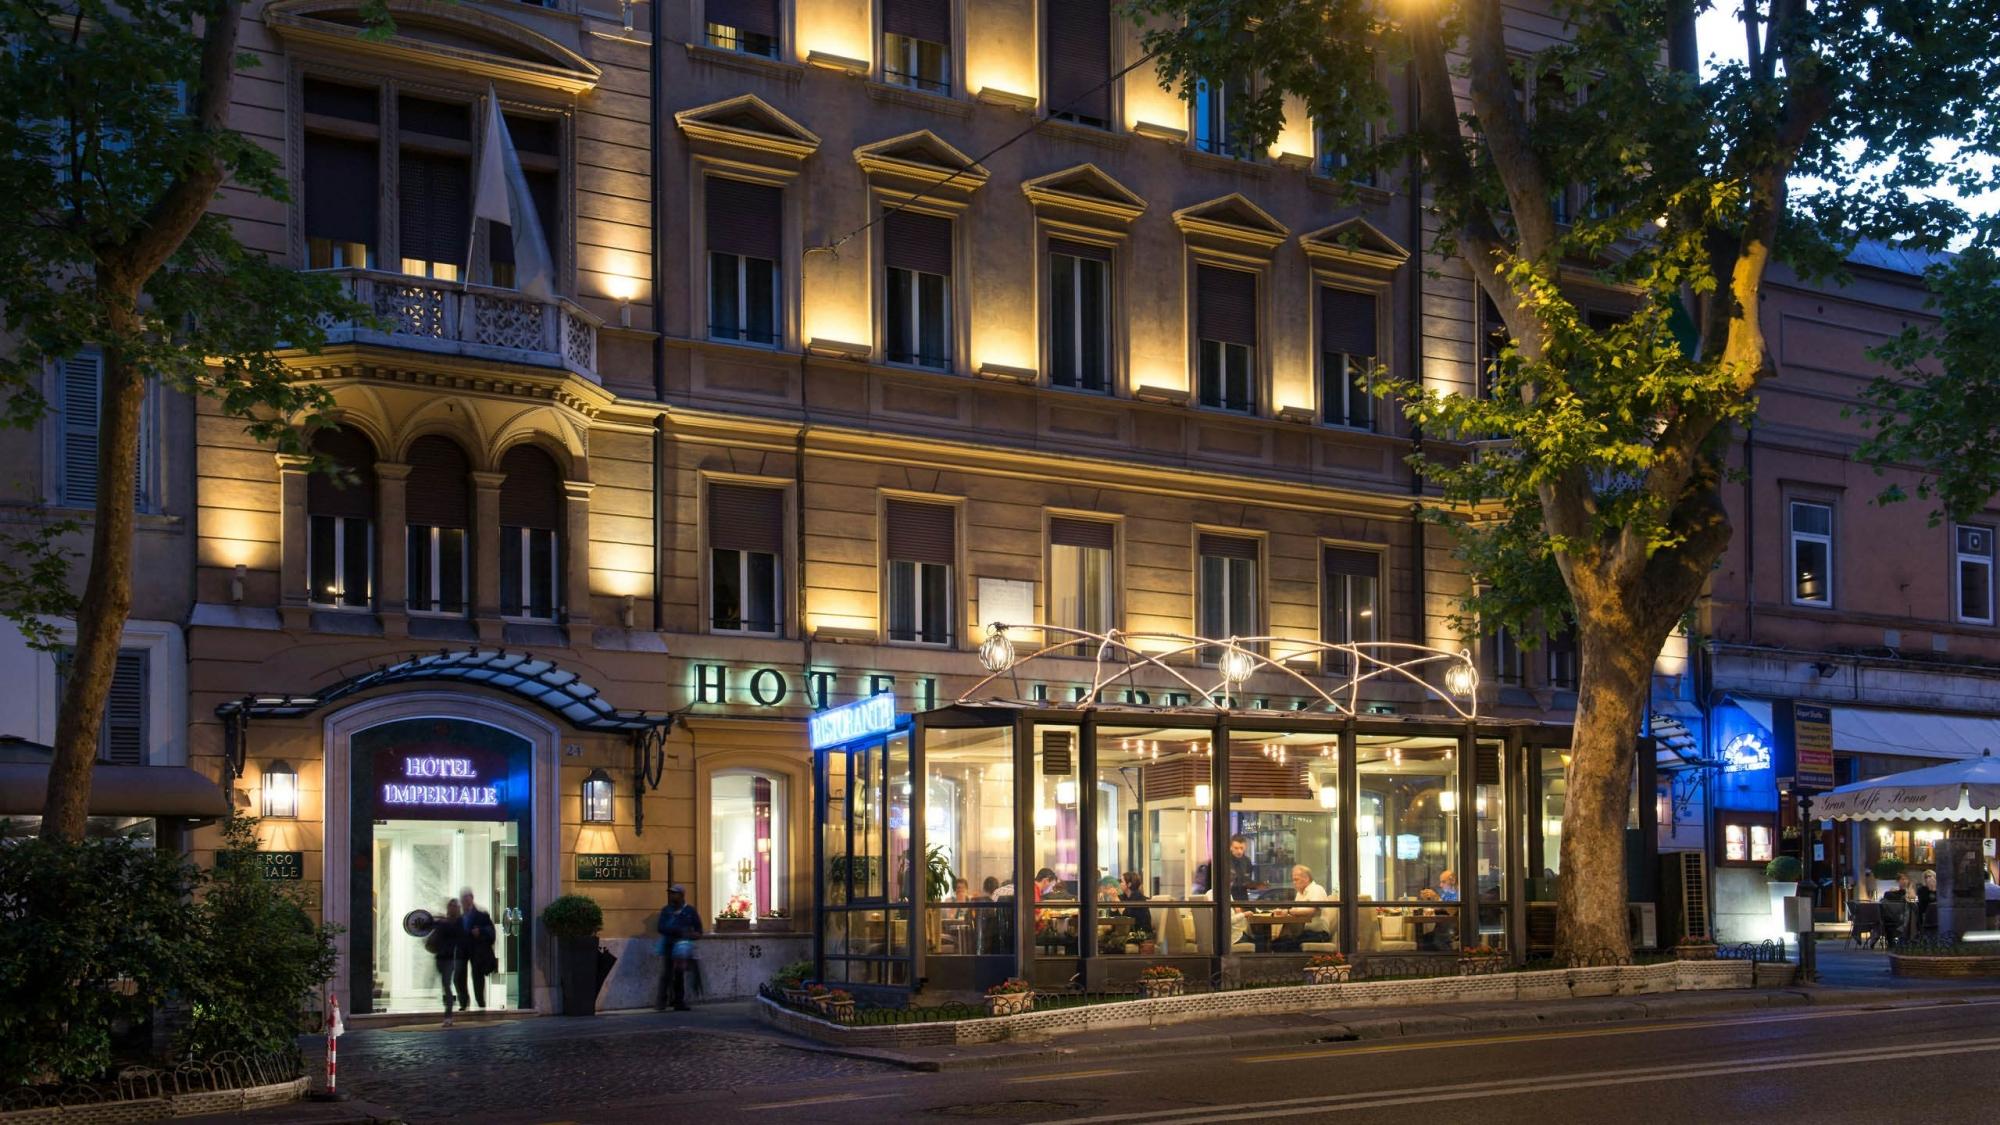 Omnia Hotels: fervono le attività organizzative del neonato gruppo alberghiero